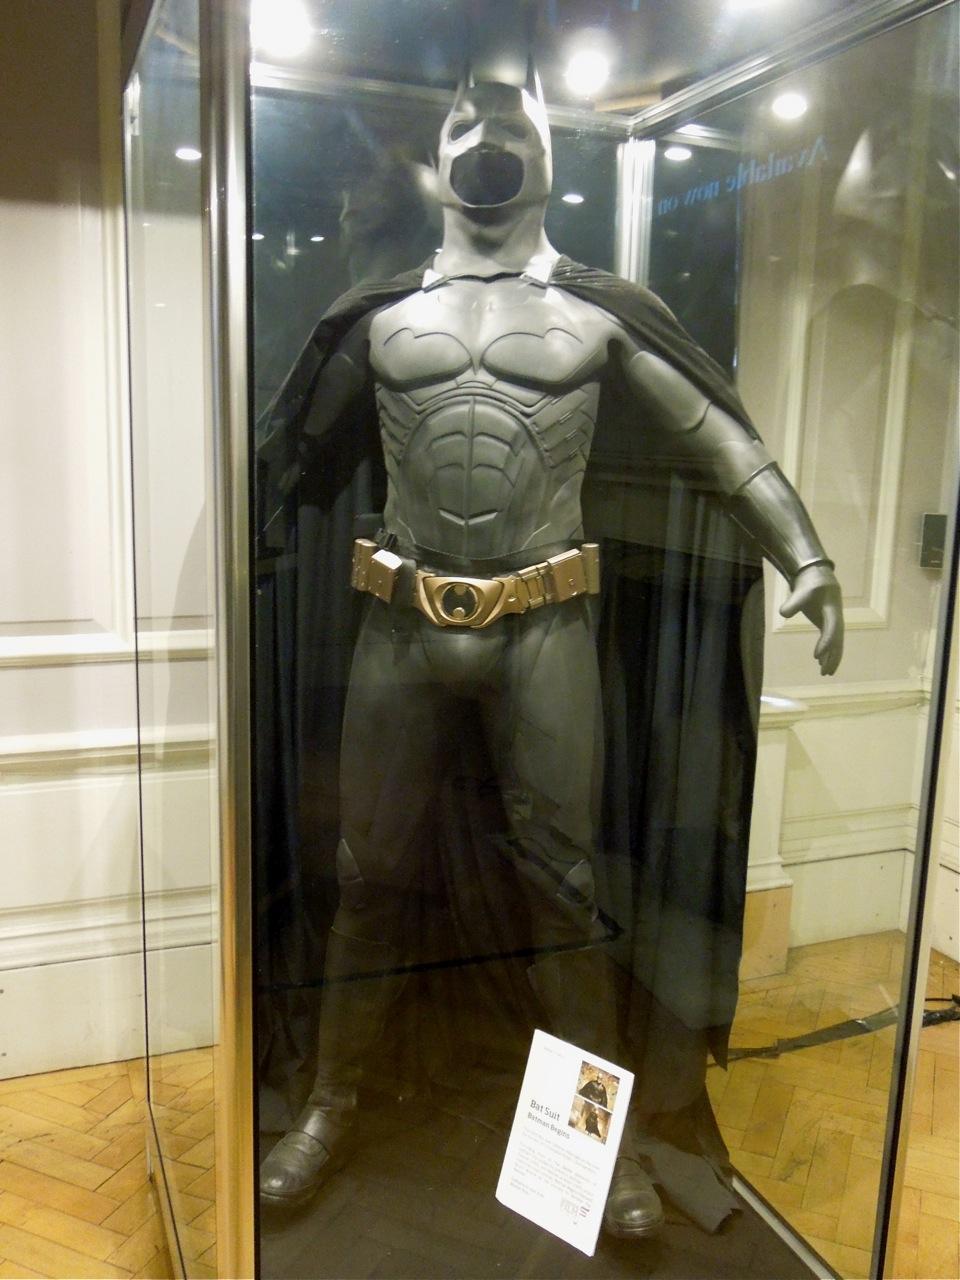 Christian Bale Batman Begins Suit